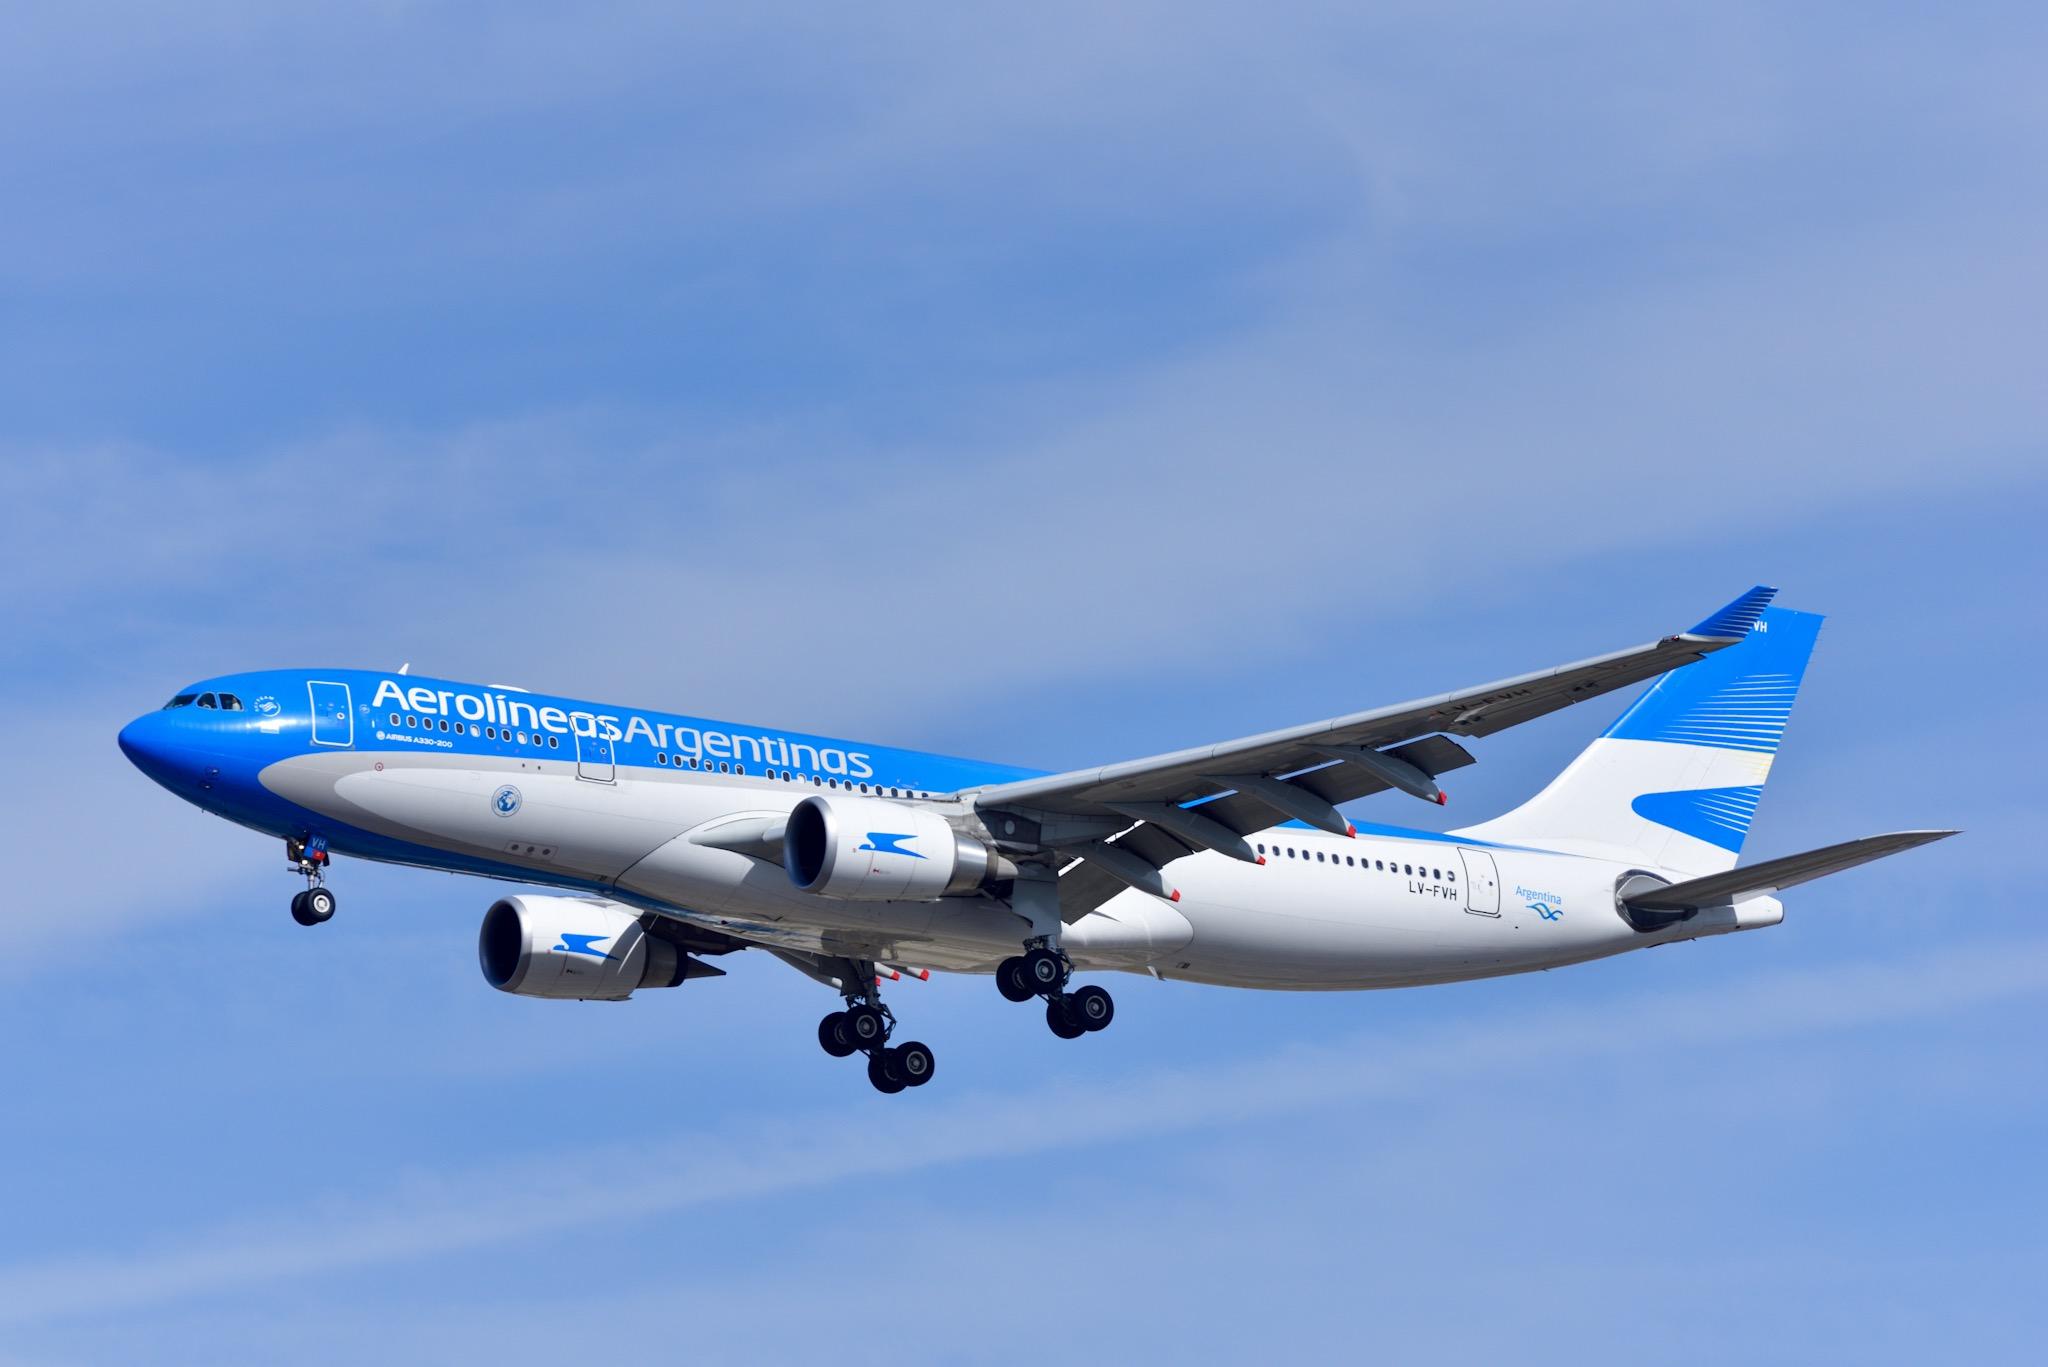 カタール航空、コロナ打撃の3カ月間に業界最多の180万人を輸送